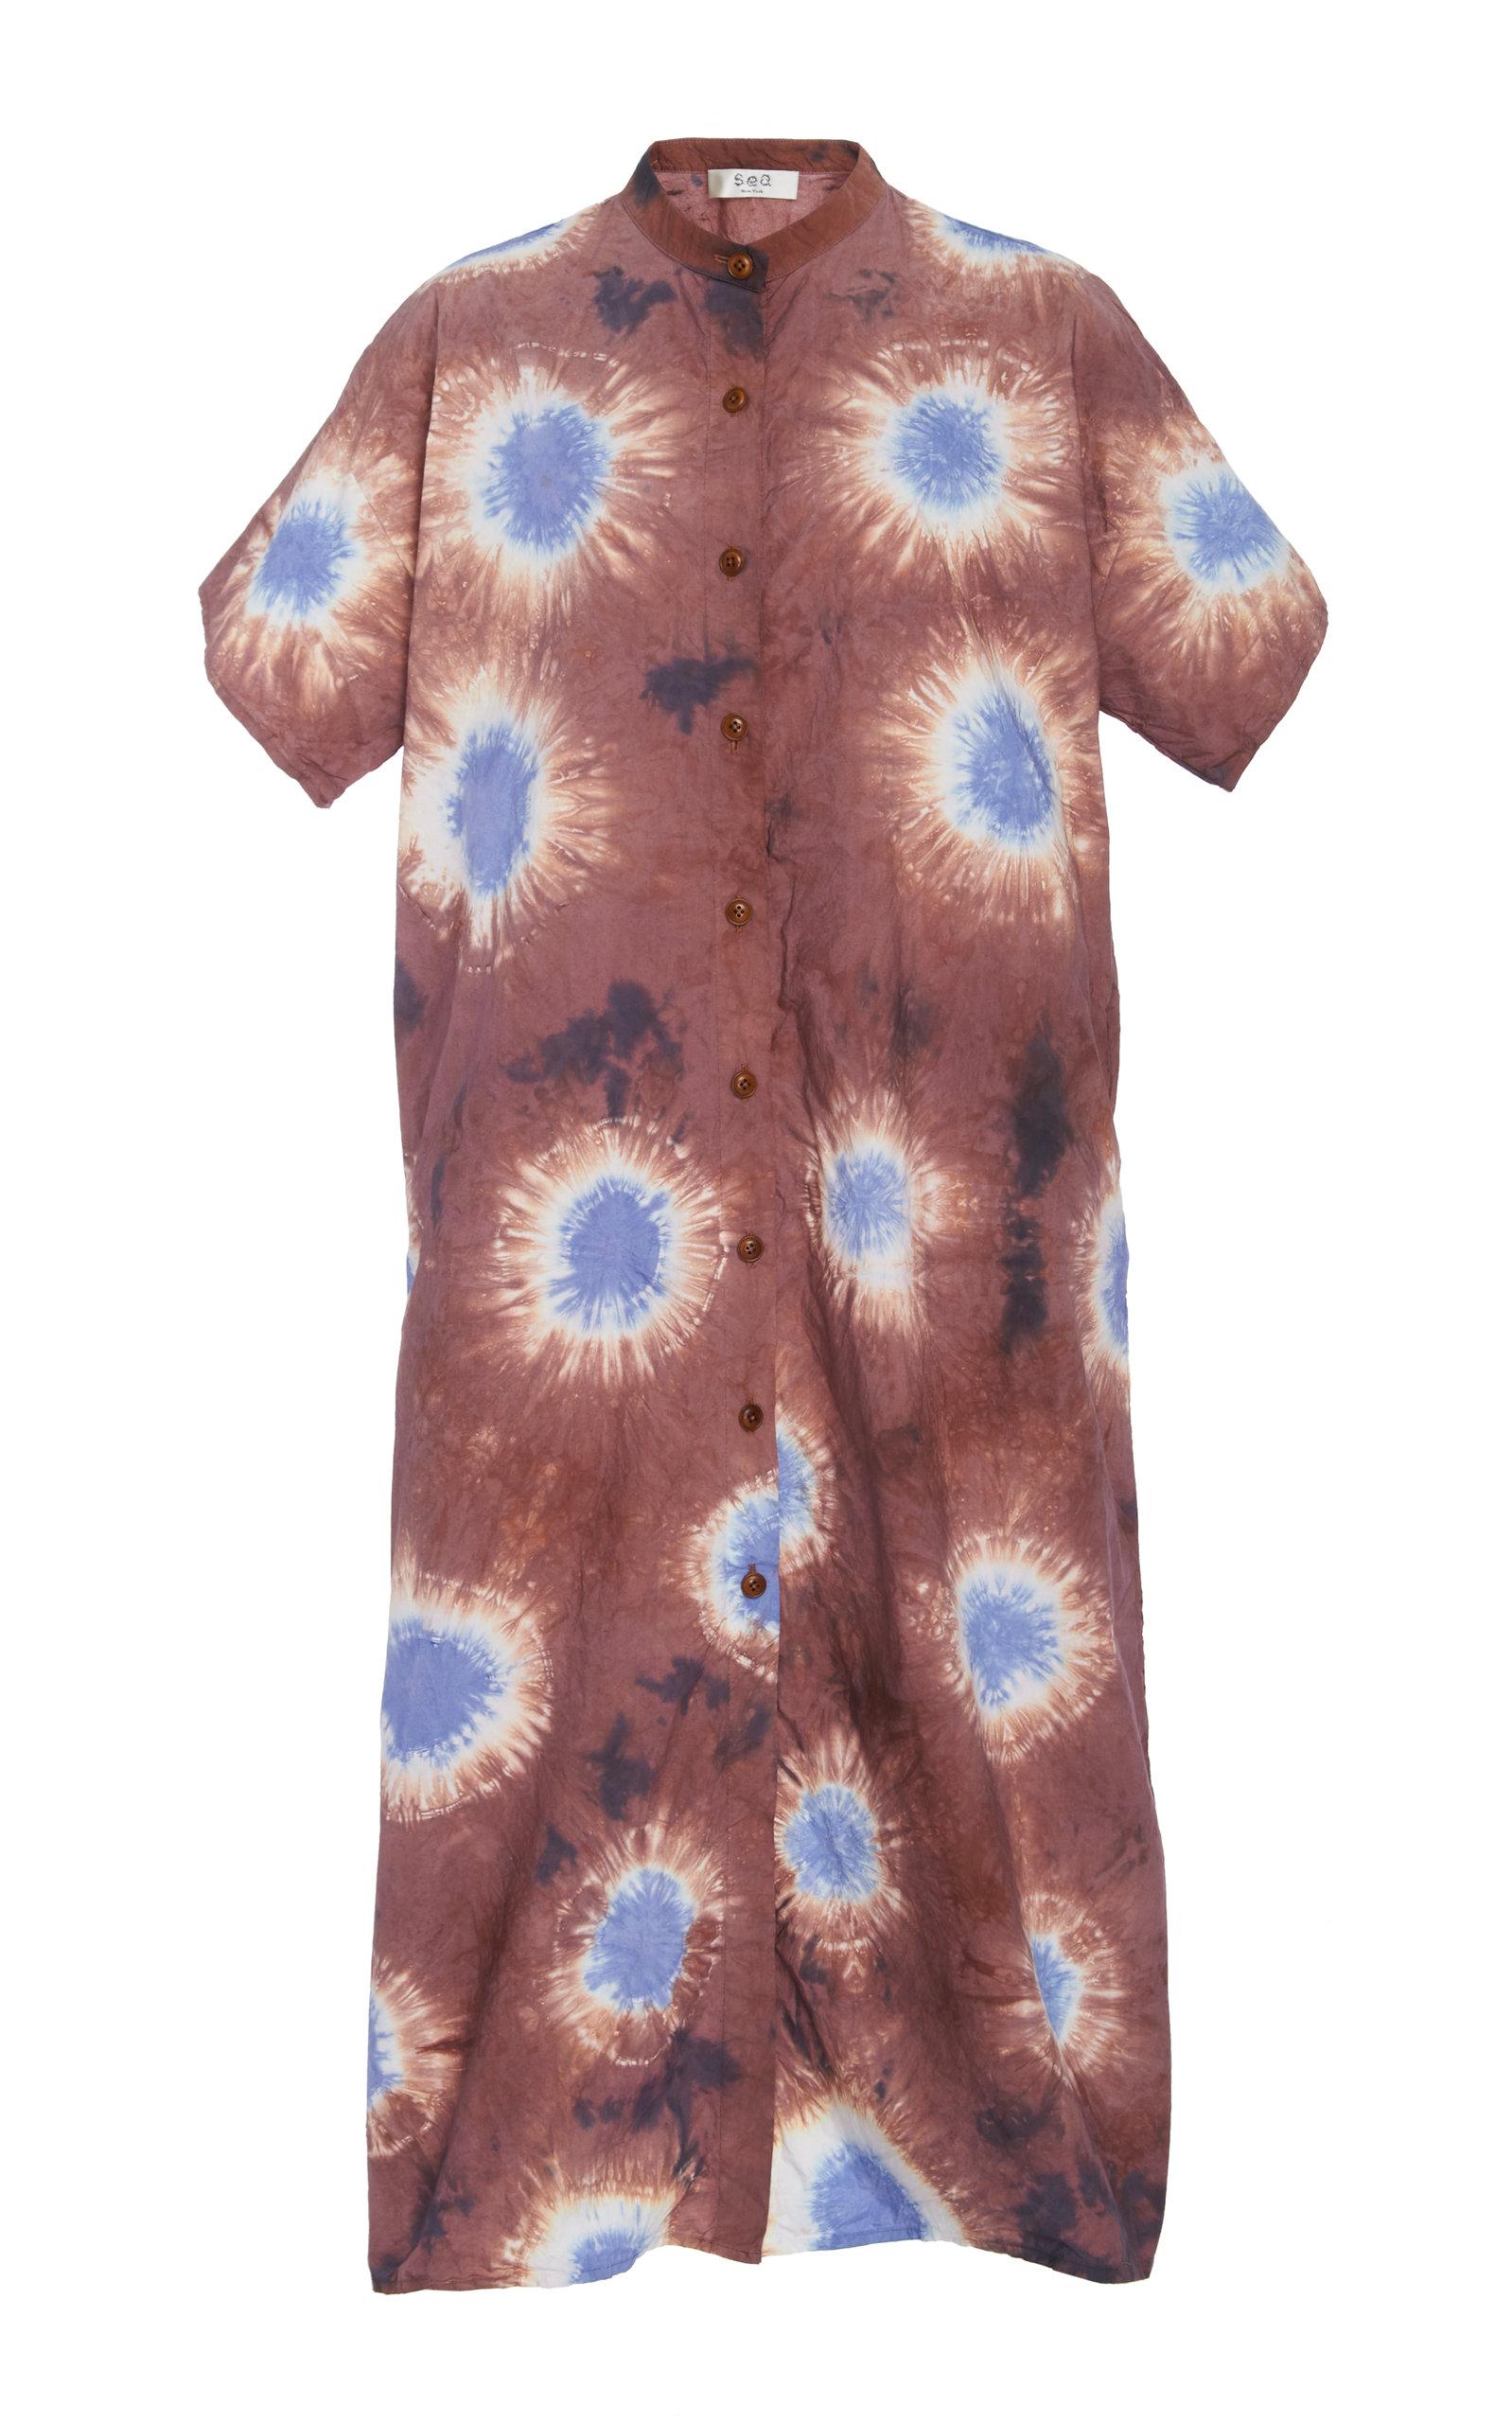 Sea Dresses TIE-DYE COTTON-JERSEY MIDI DRESS SIZE: 8